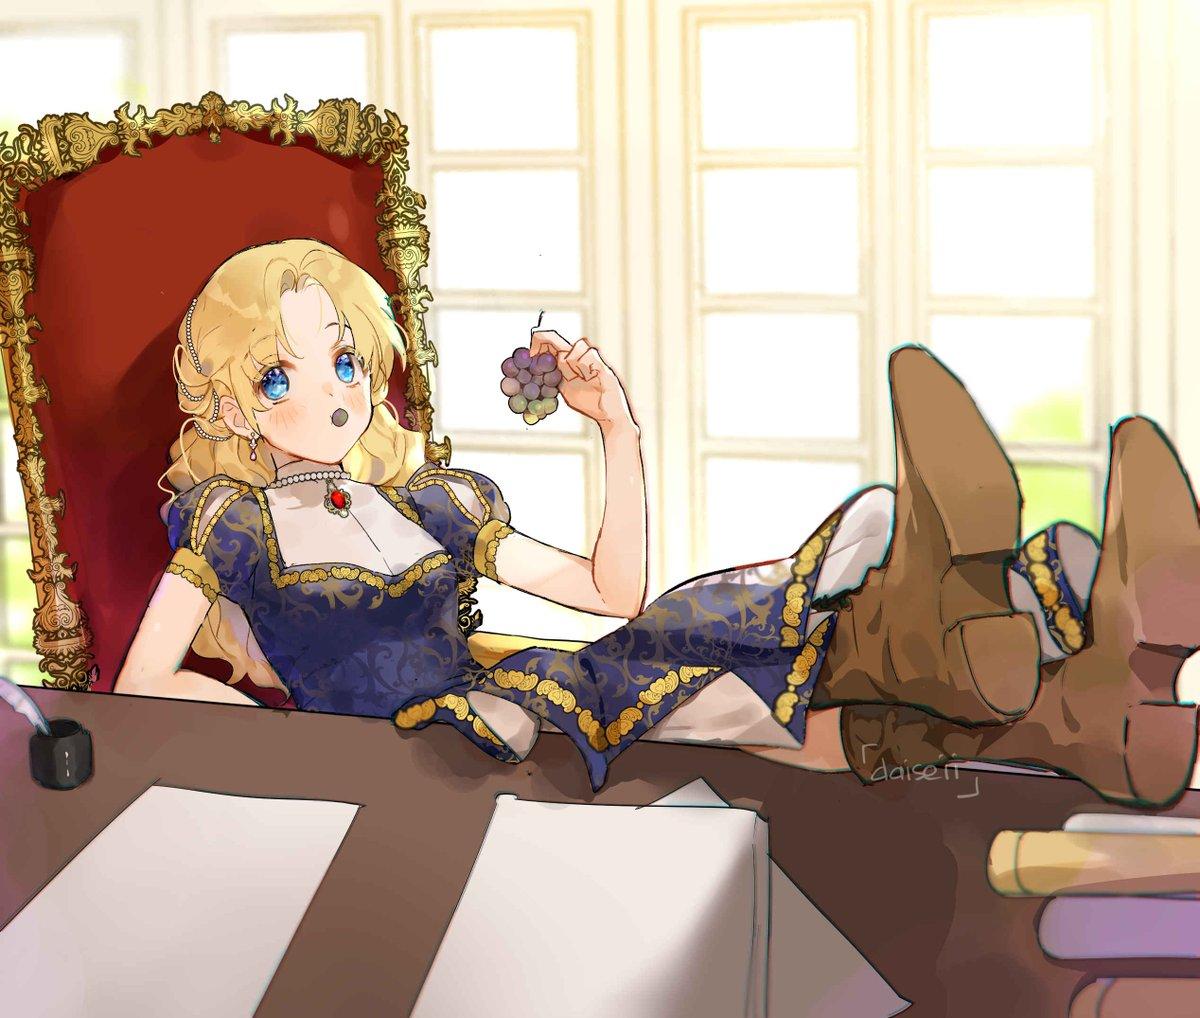 76 ある日お姫様になってしまった件についてネタバレ ある日、お姫様になってしまった件についてネタバレ72話 かりそめの日常と暗躍する子爵達